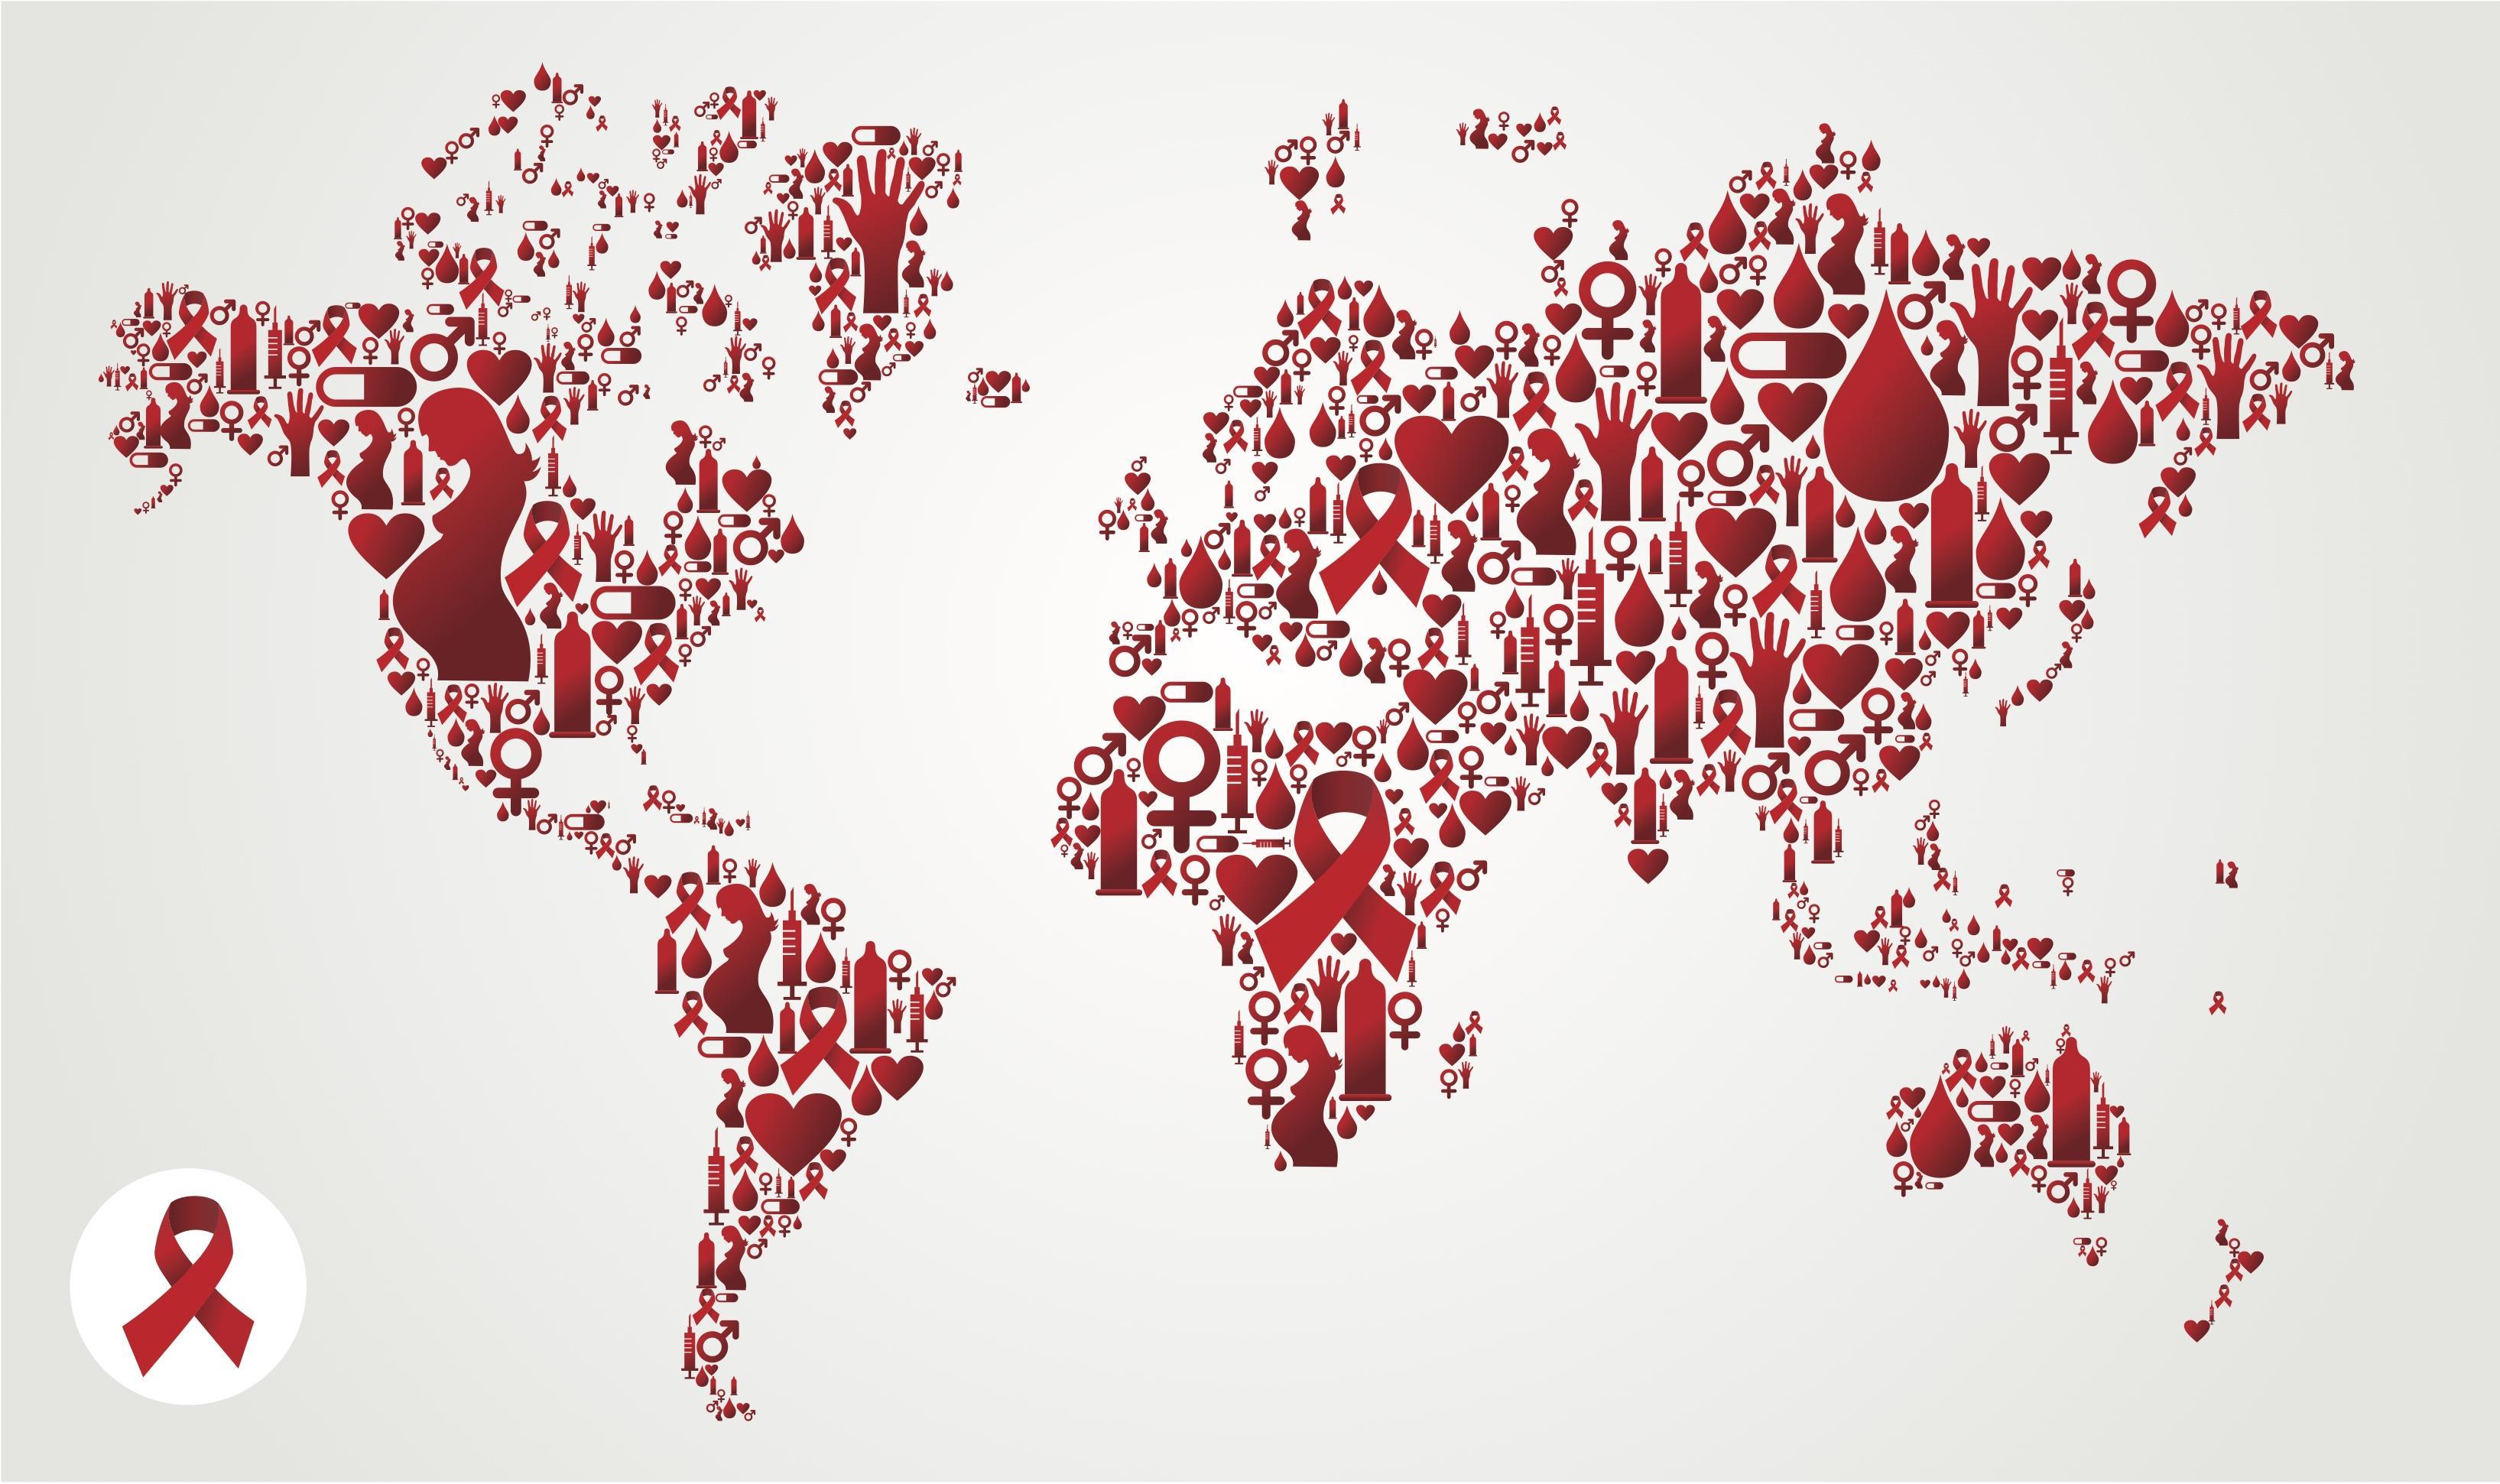 Заболеваемость ВИЧ в России продолжает расти